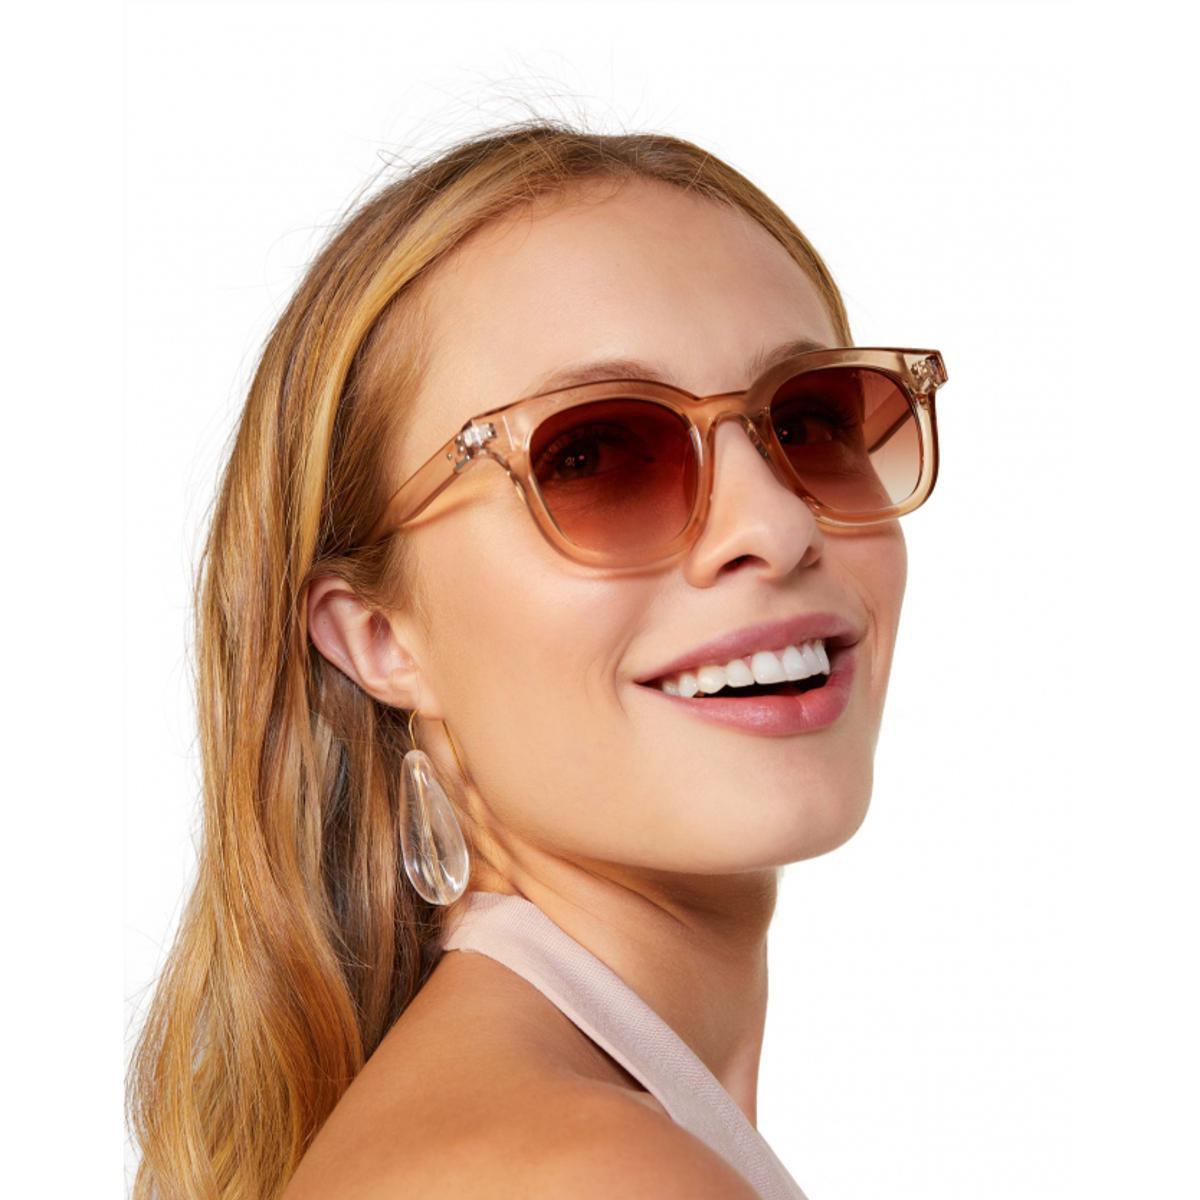 da87d276de232 Óculos Amaro De Sol D Frame Metal Point Feminino - Compre Agora ...